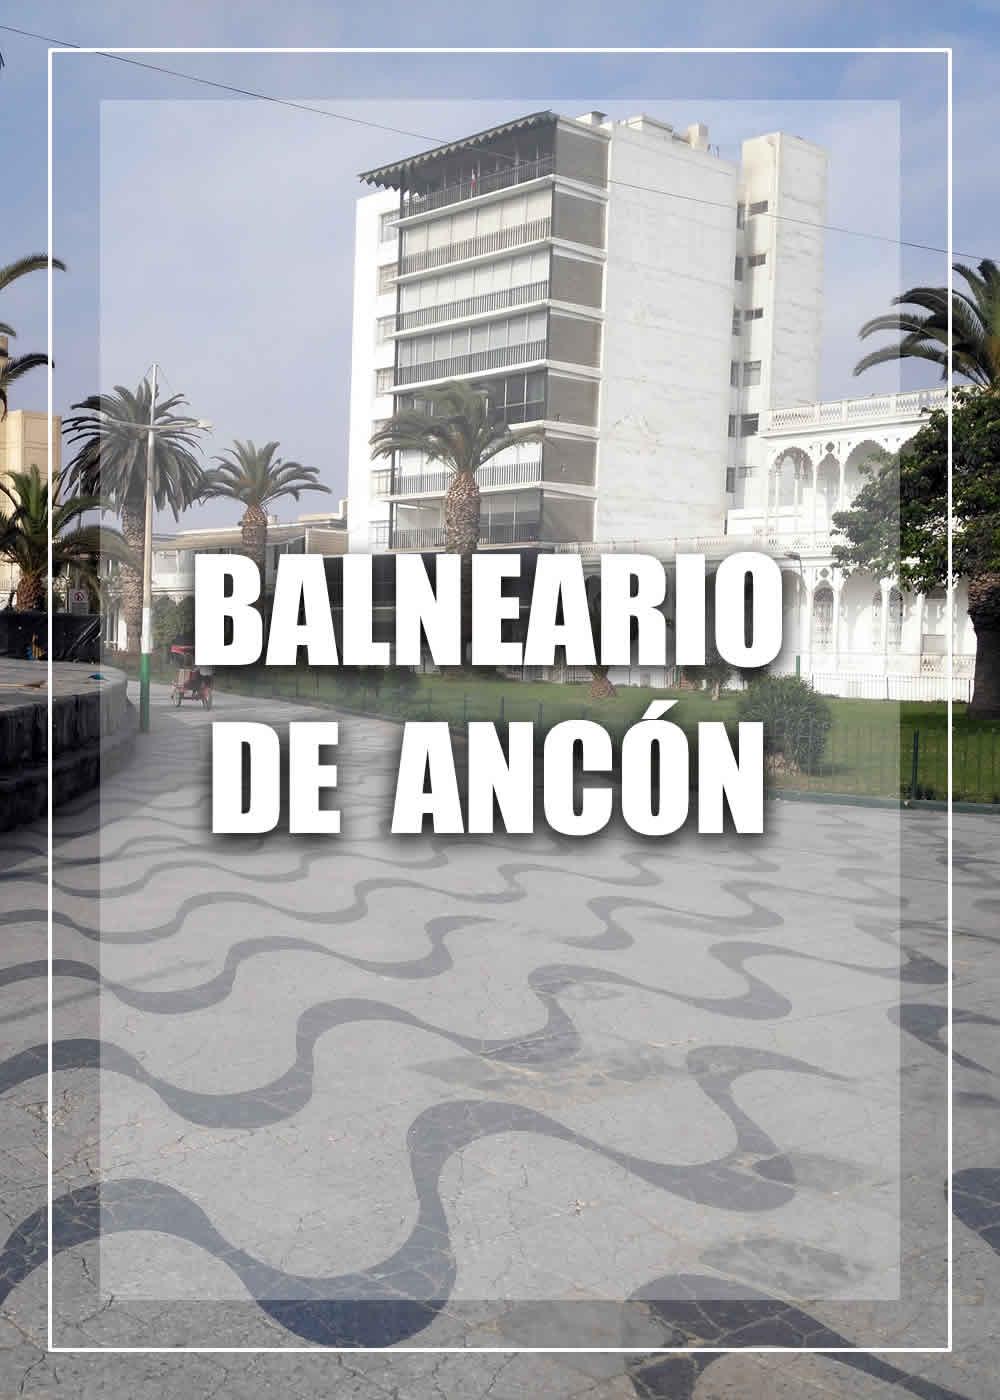 TURISMO EN ANCON | BALNEARIO DE ANCON